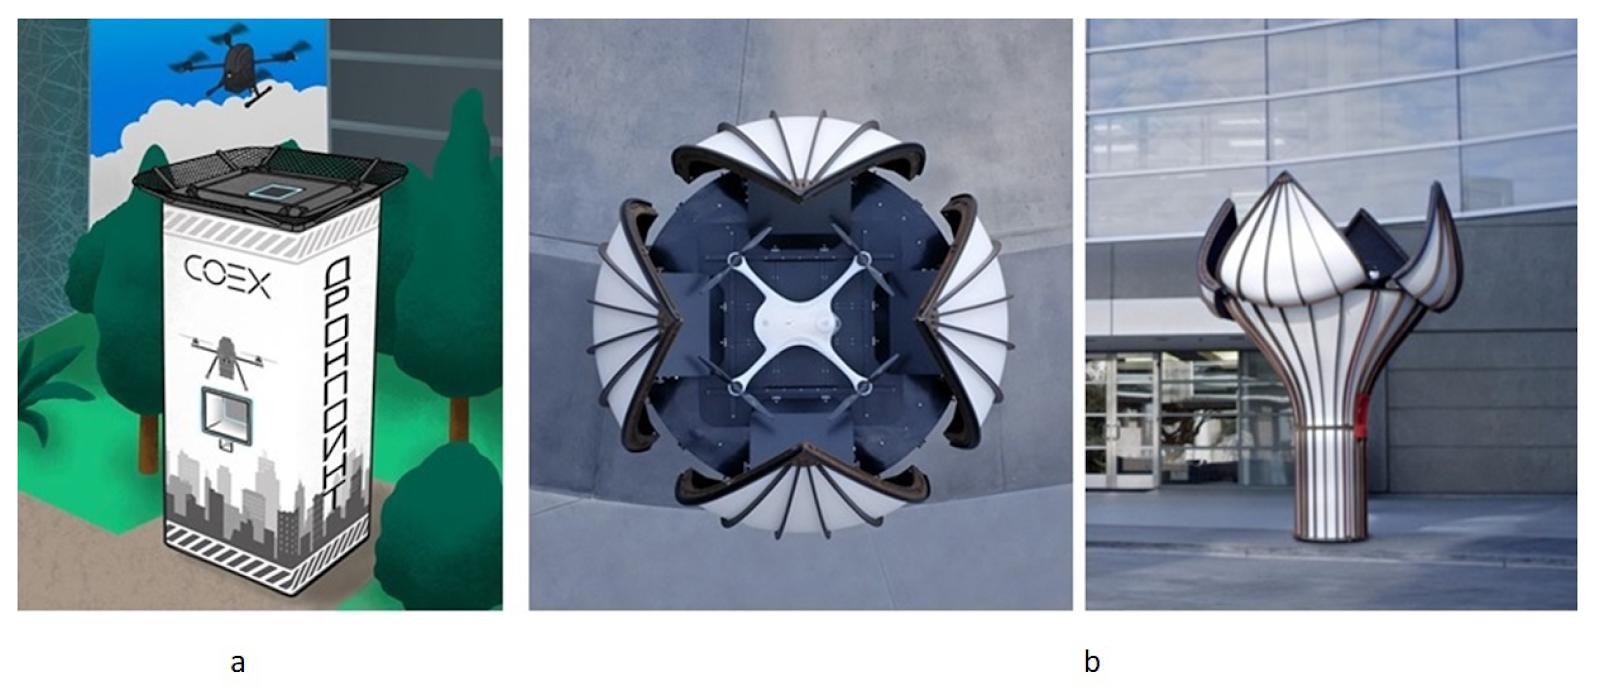 Примеры посадочных платформ-постаматов: (a) COEX, (b) Matternet